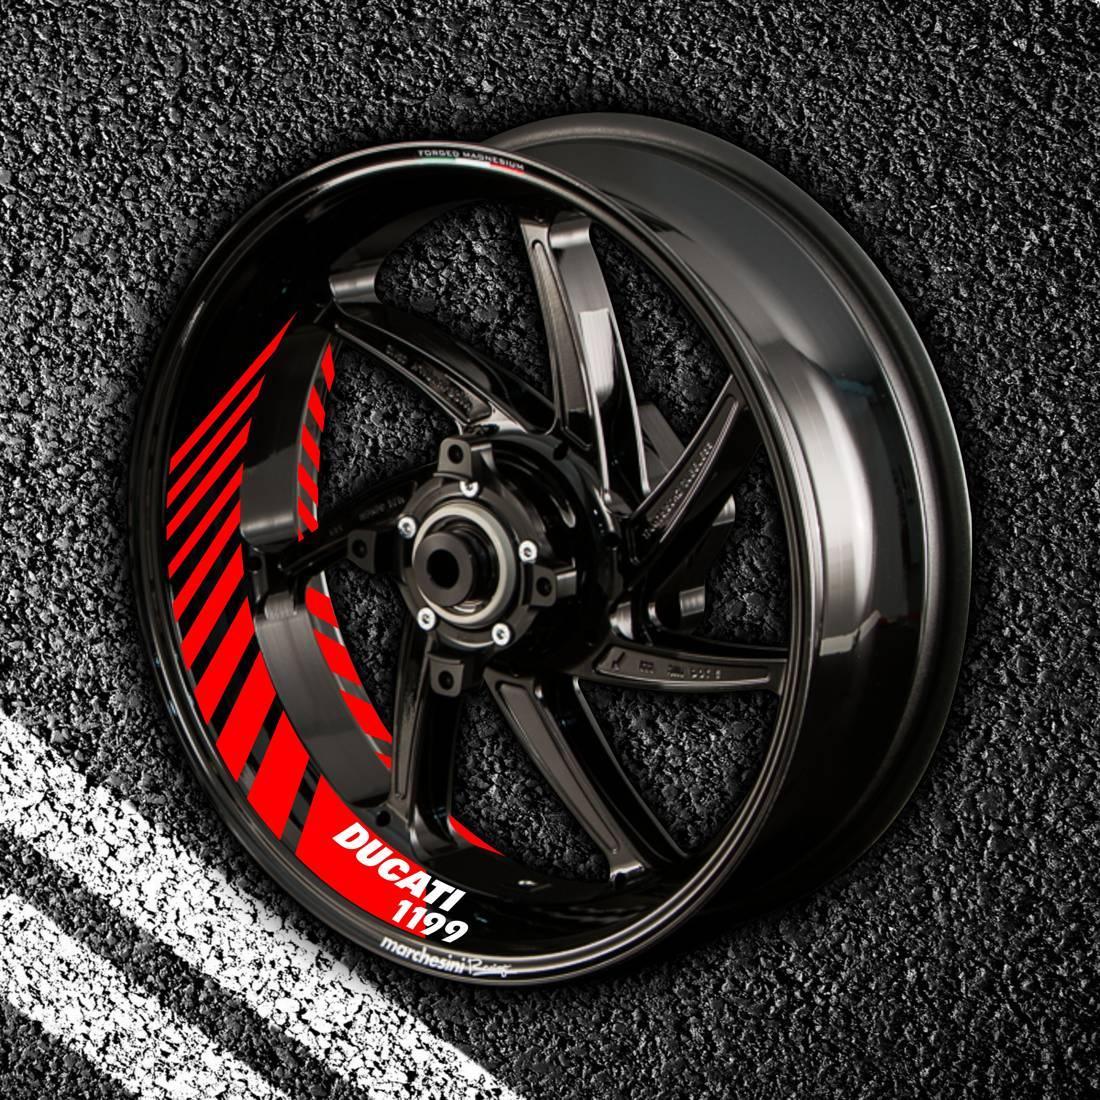 Комплект наклеек с полосами на колеса мотоцикла DUCATI 1199